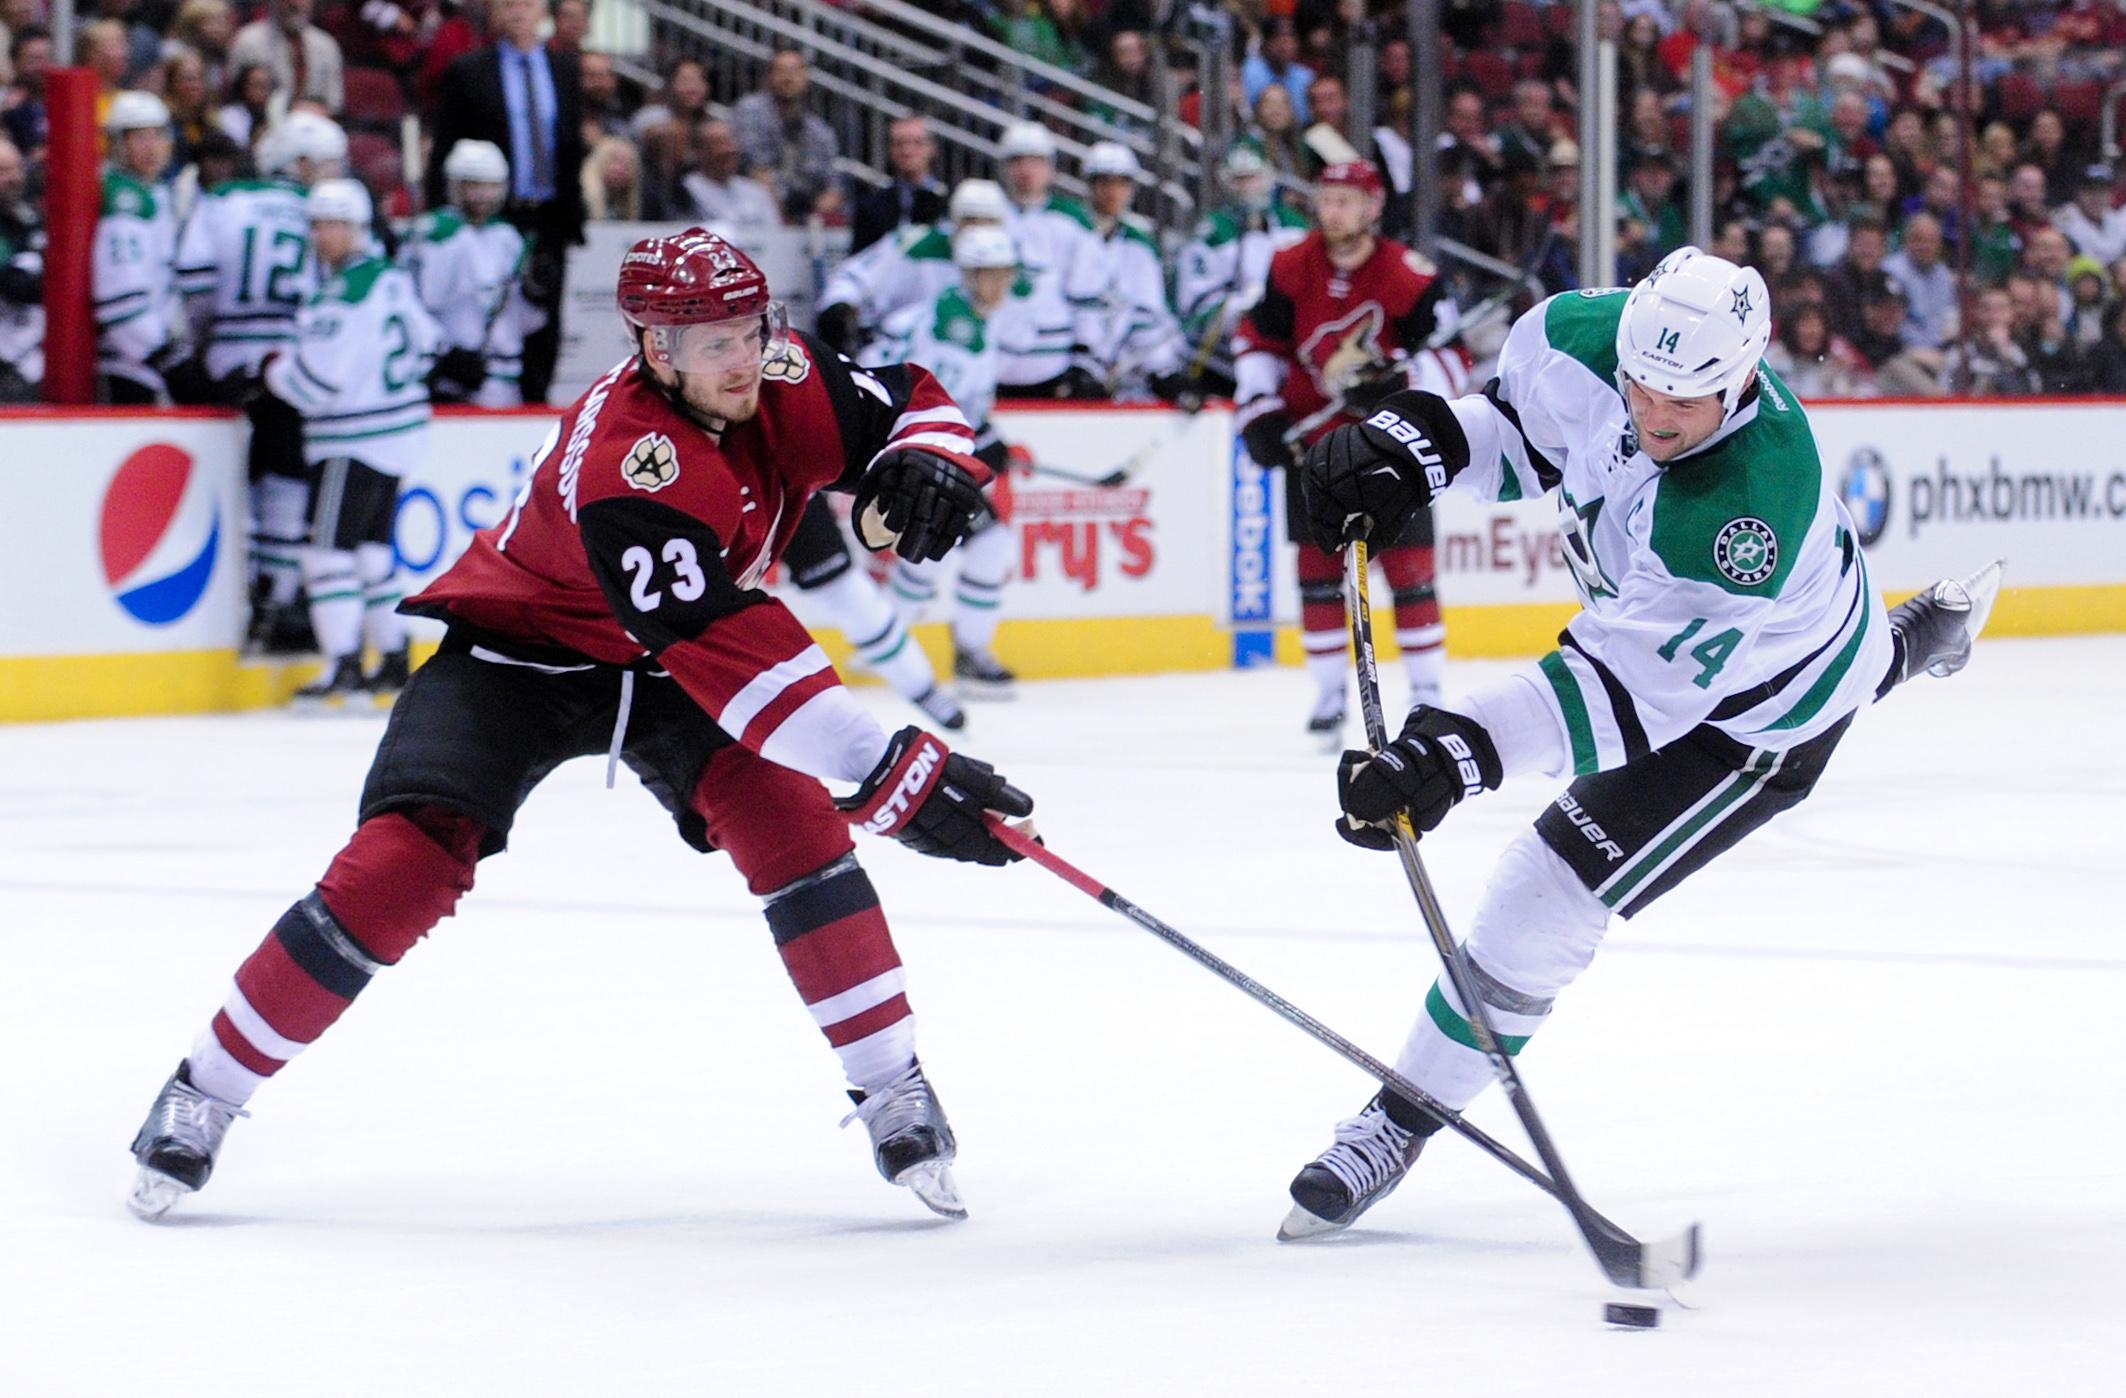 NHL: Dallas Stars at Arizona Coyotes